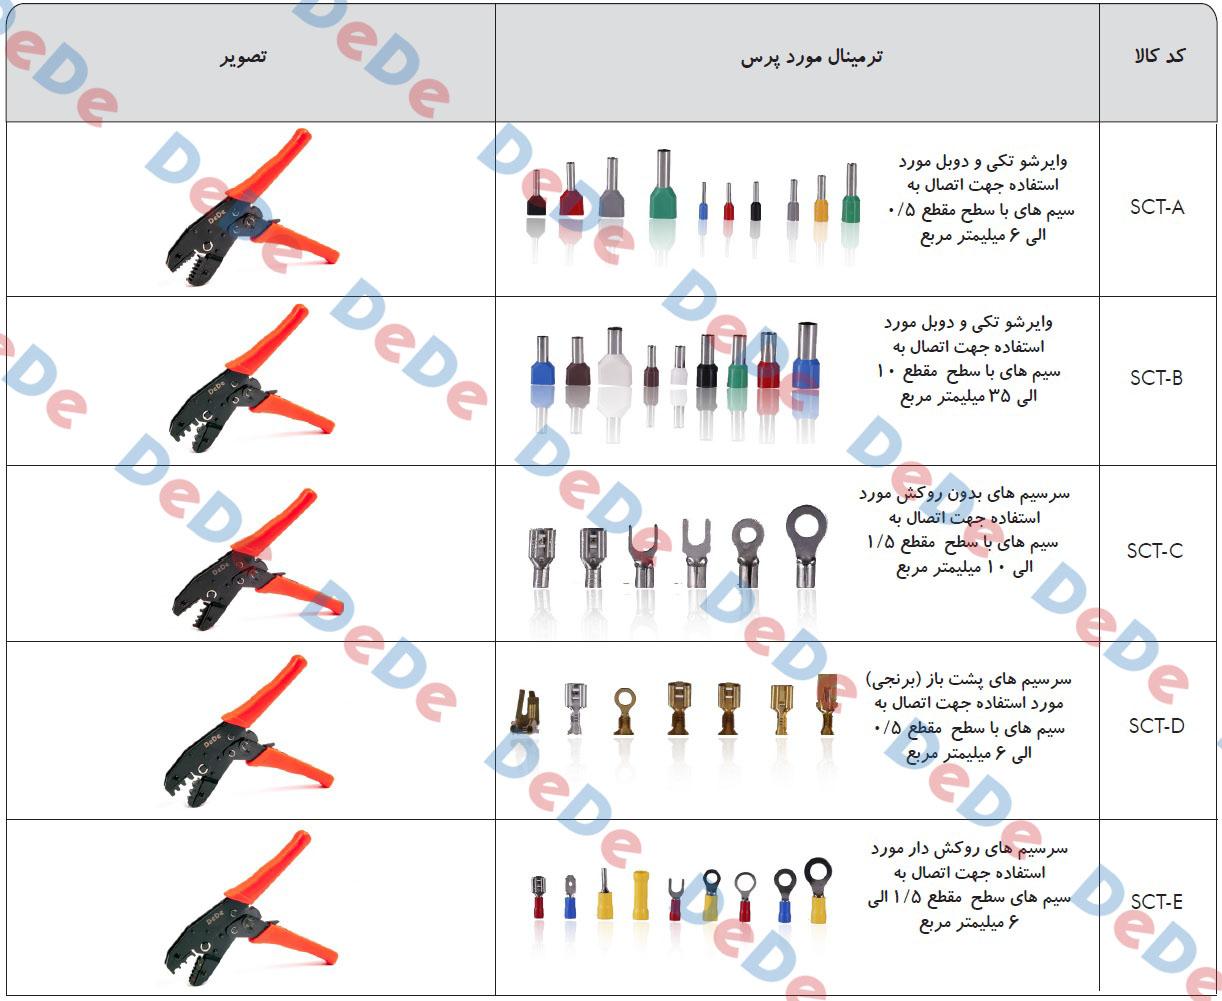 جدول انواع سرسیم و وایرشو ابزار SCT